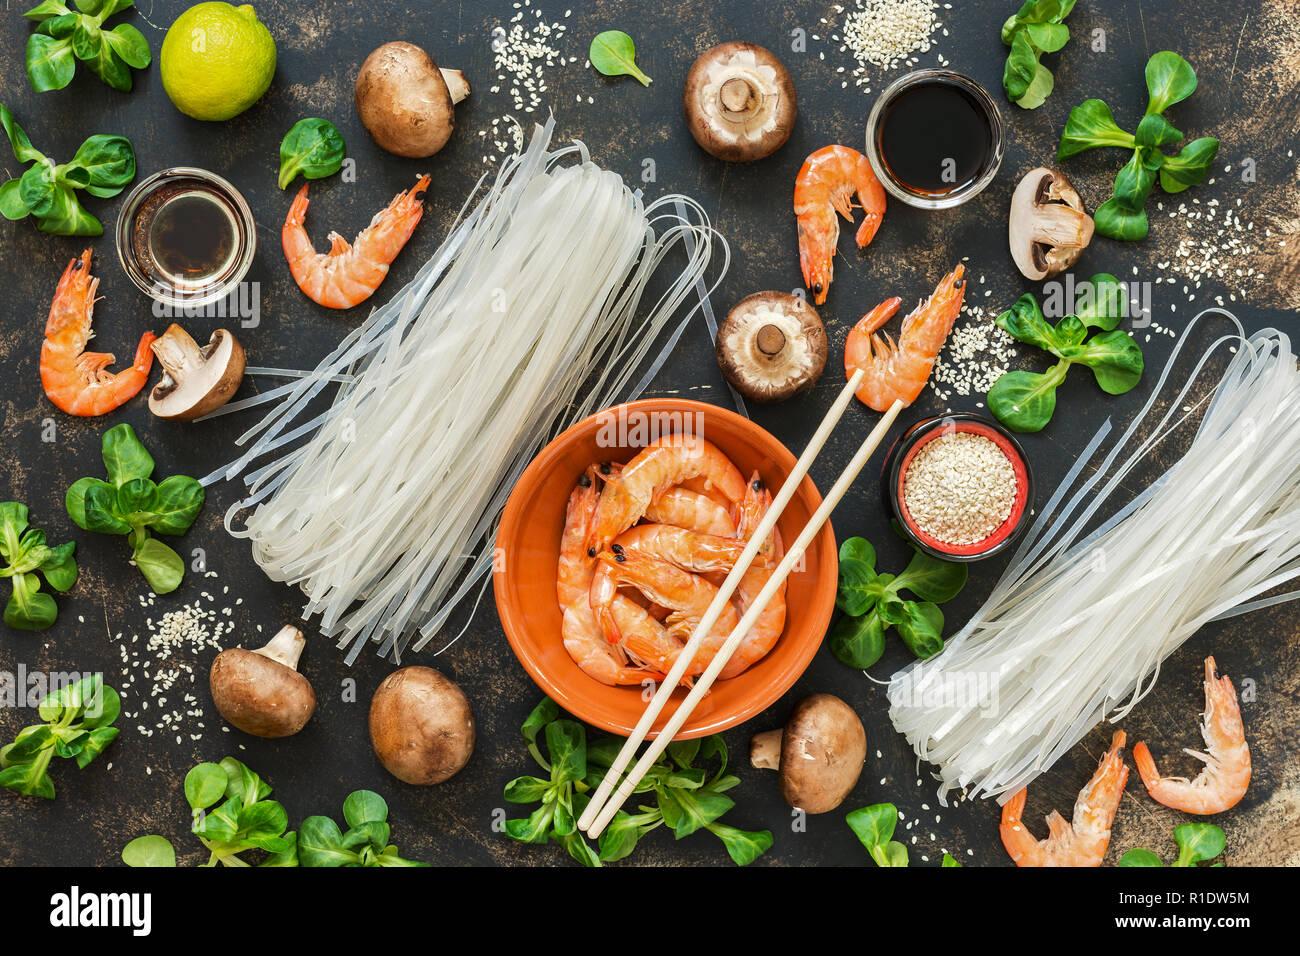 Asiatische Küche | Asiatische Kuche Zutaten Zum Kochen Auf Einem Urigen Hintergrund